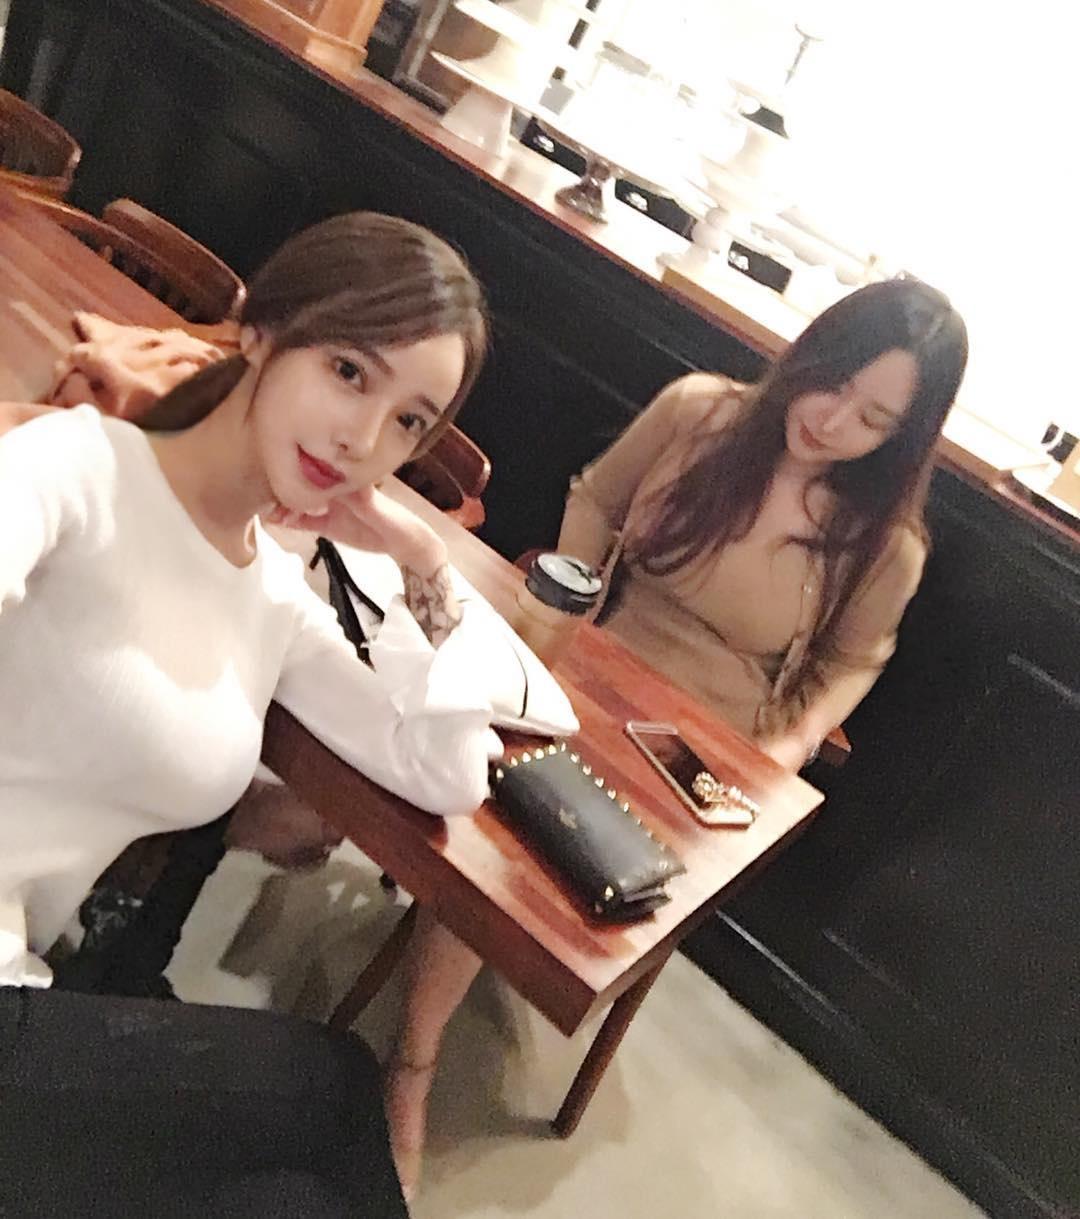 韩国女神的ins自拍福利,这身材太难为衣服了!(9P)